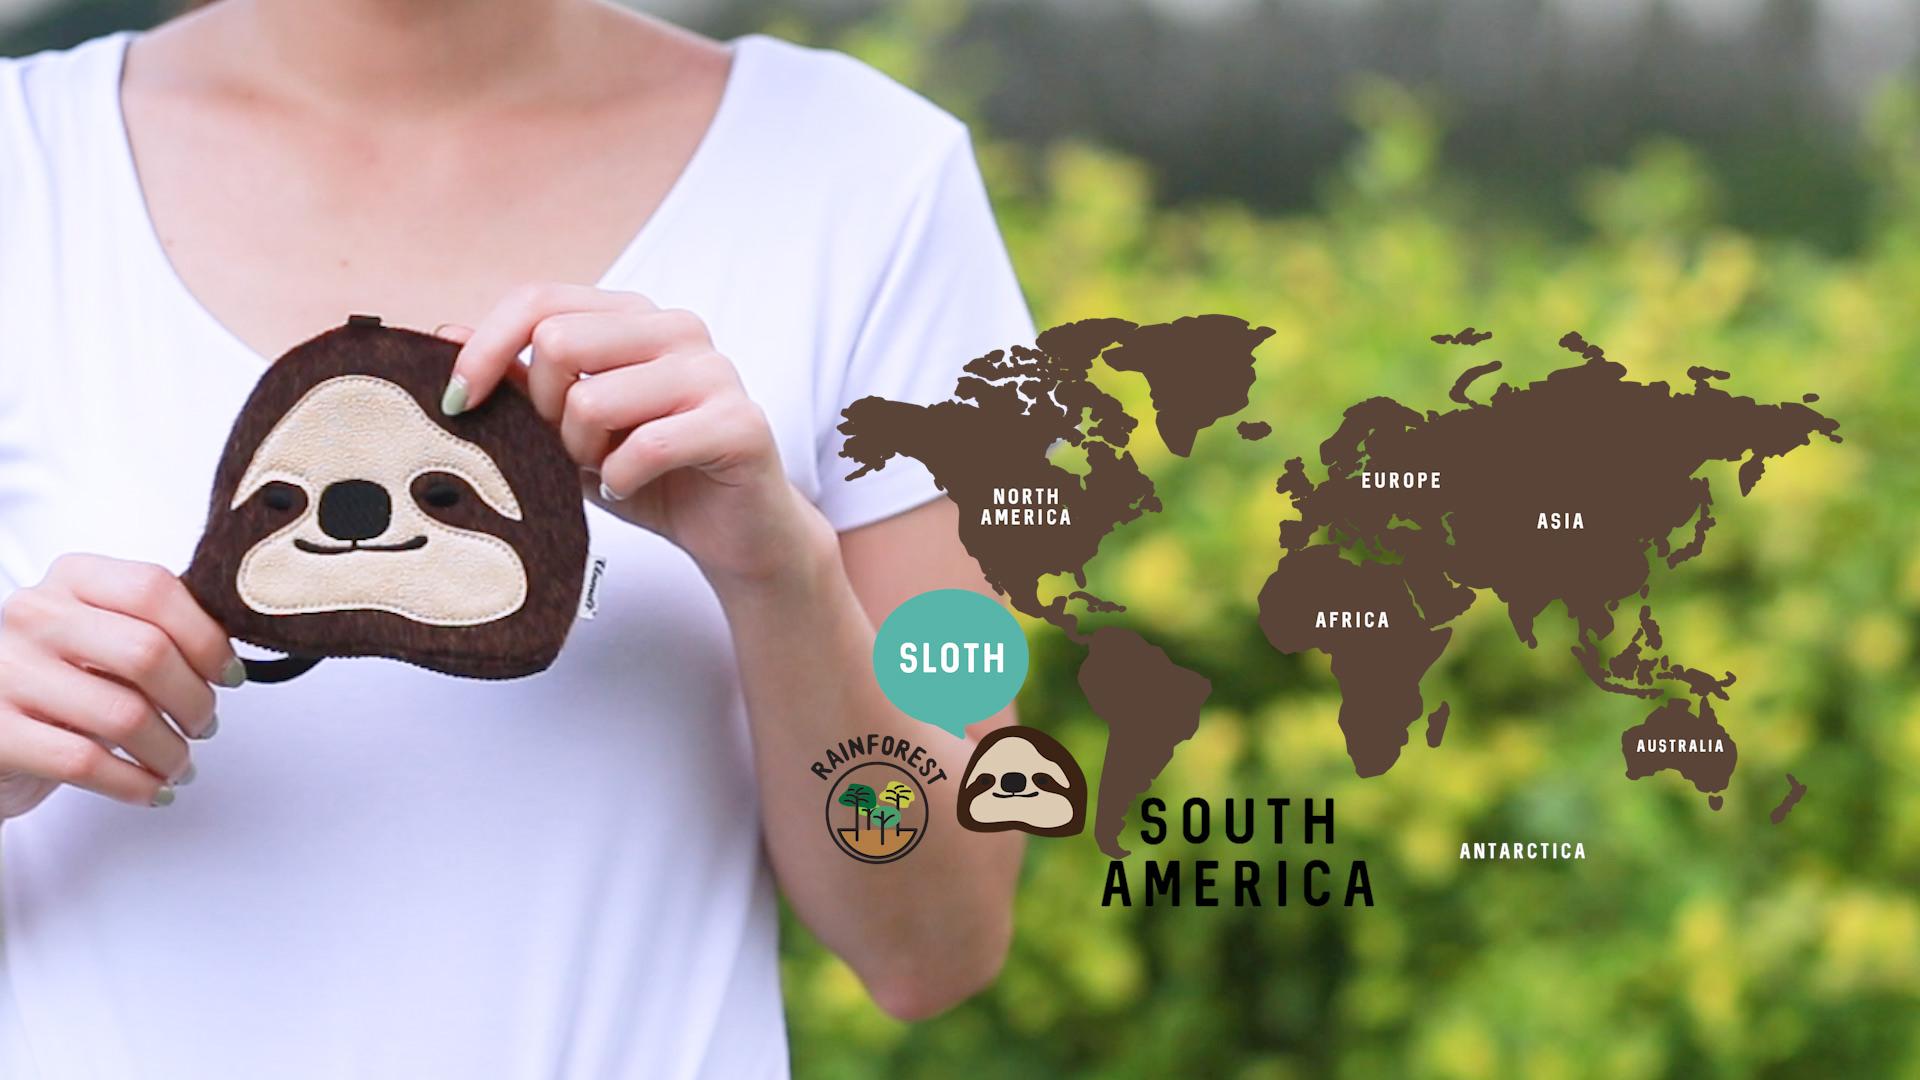 sloth habitat